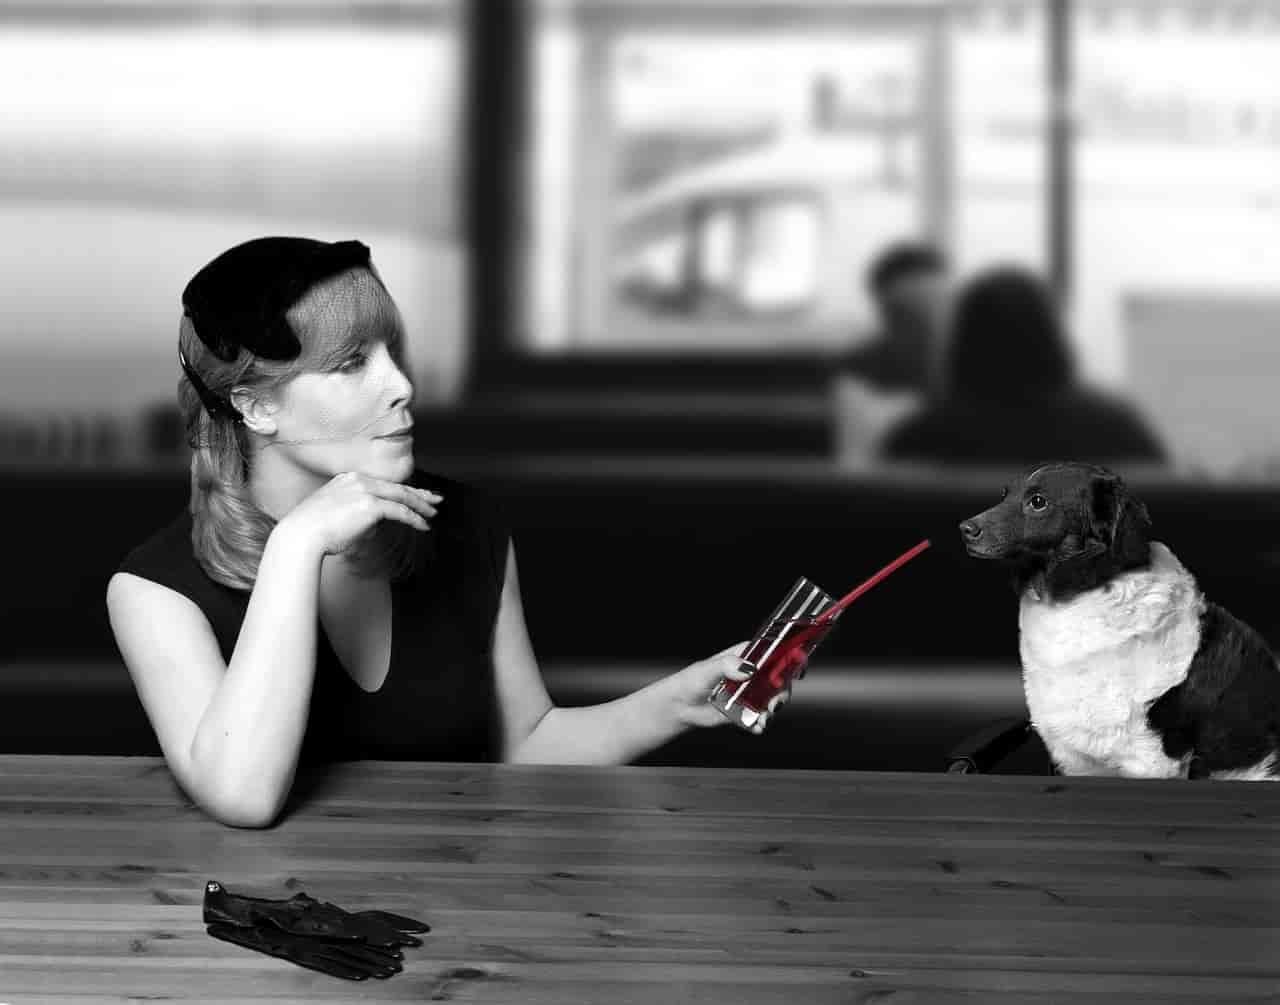 忘年会で「一口飲む?」と自分のお酒を差し出す女性のイメージ